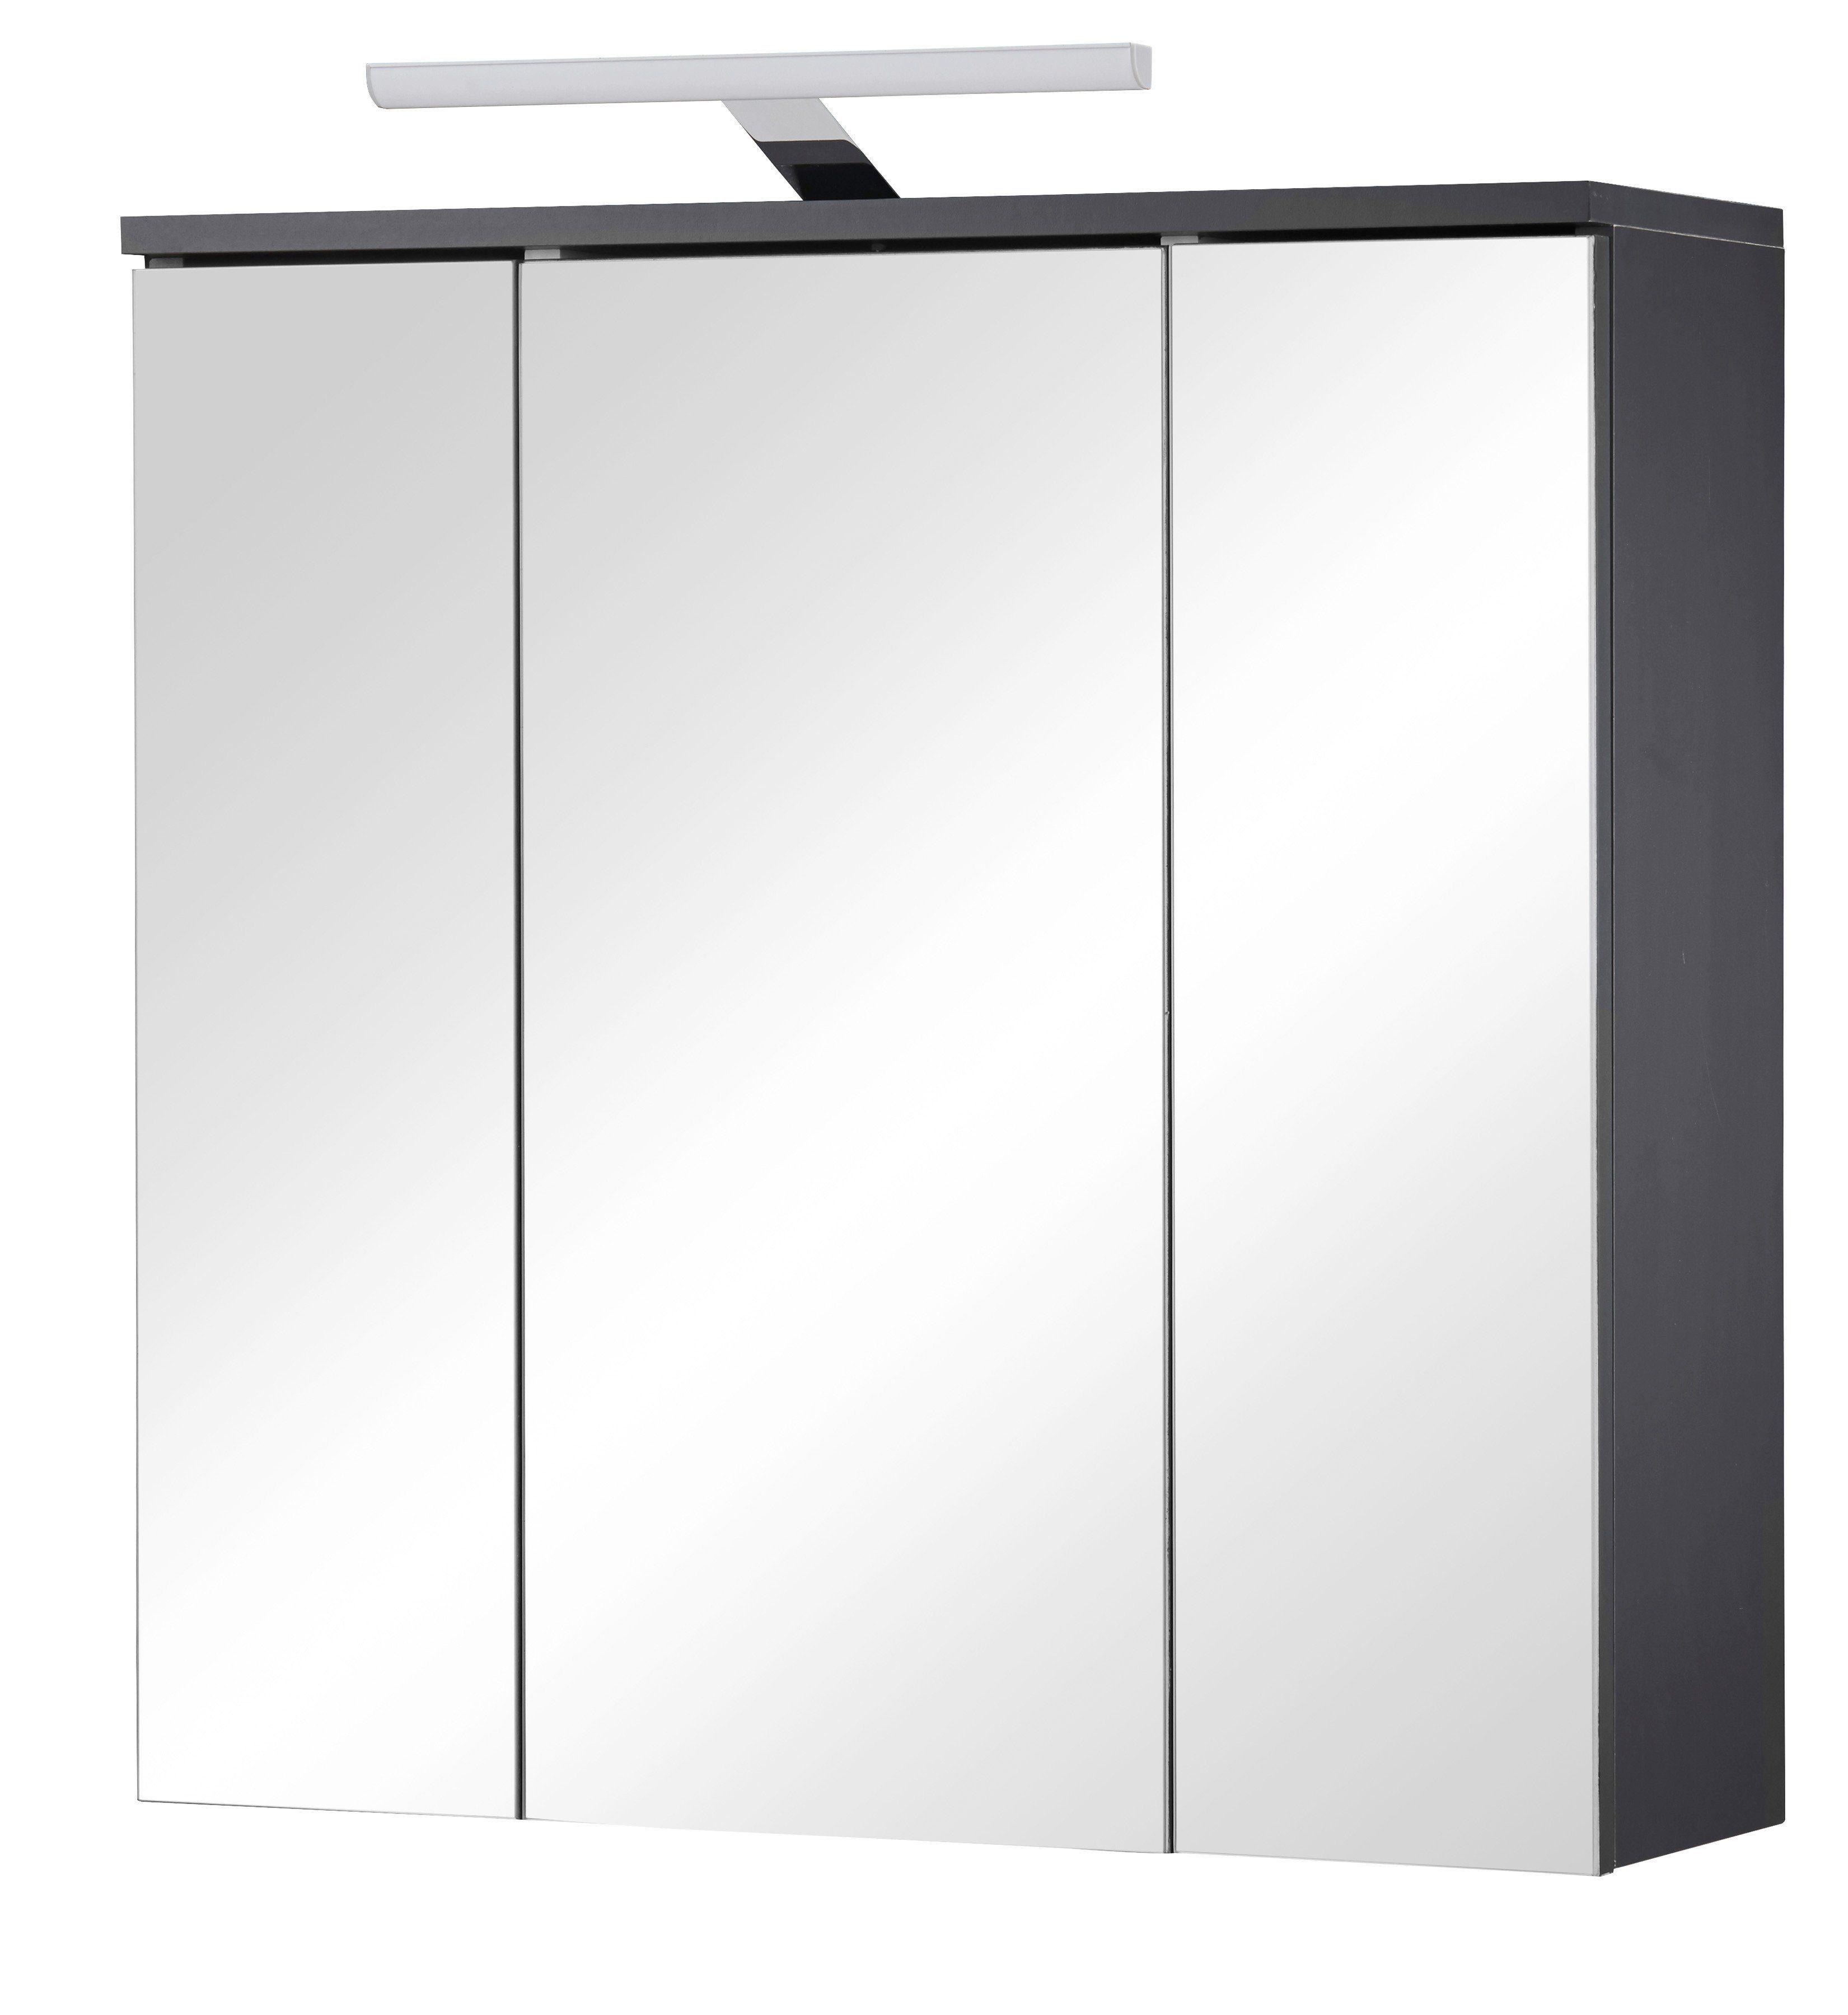 kesper spiegelschrank toskana breite 60 cm mit. Black Bedroom Furniture Sets. Home Design Ideas